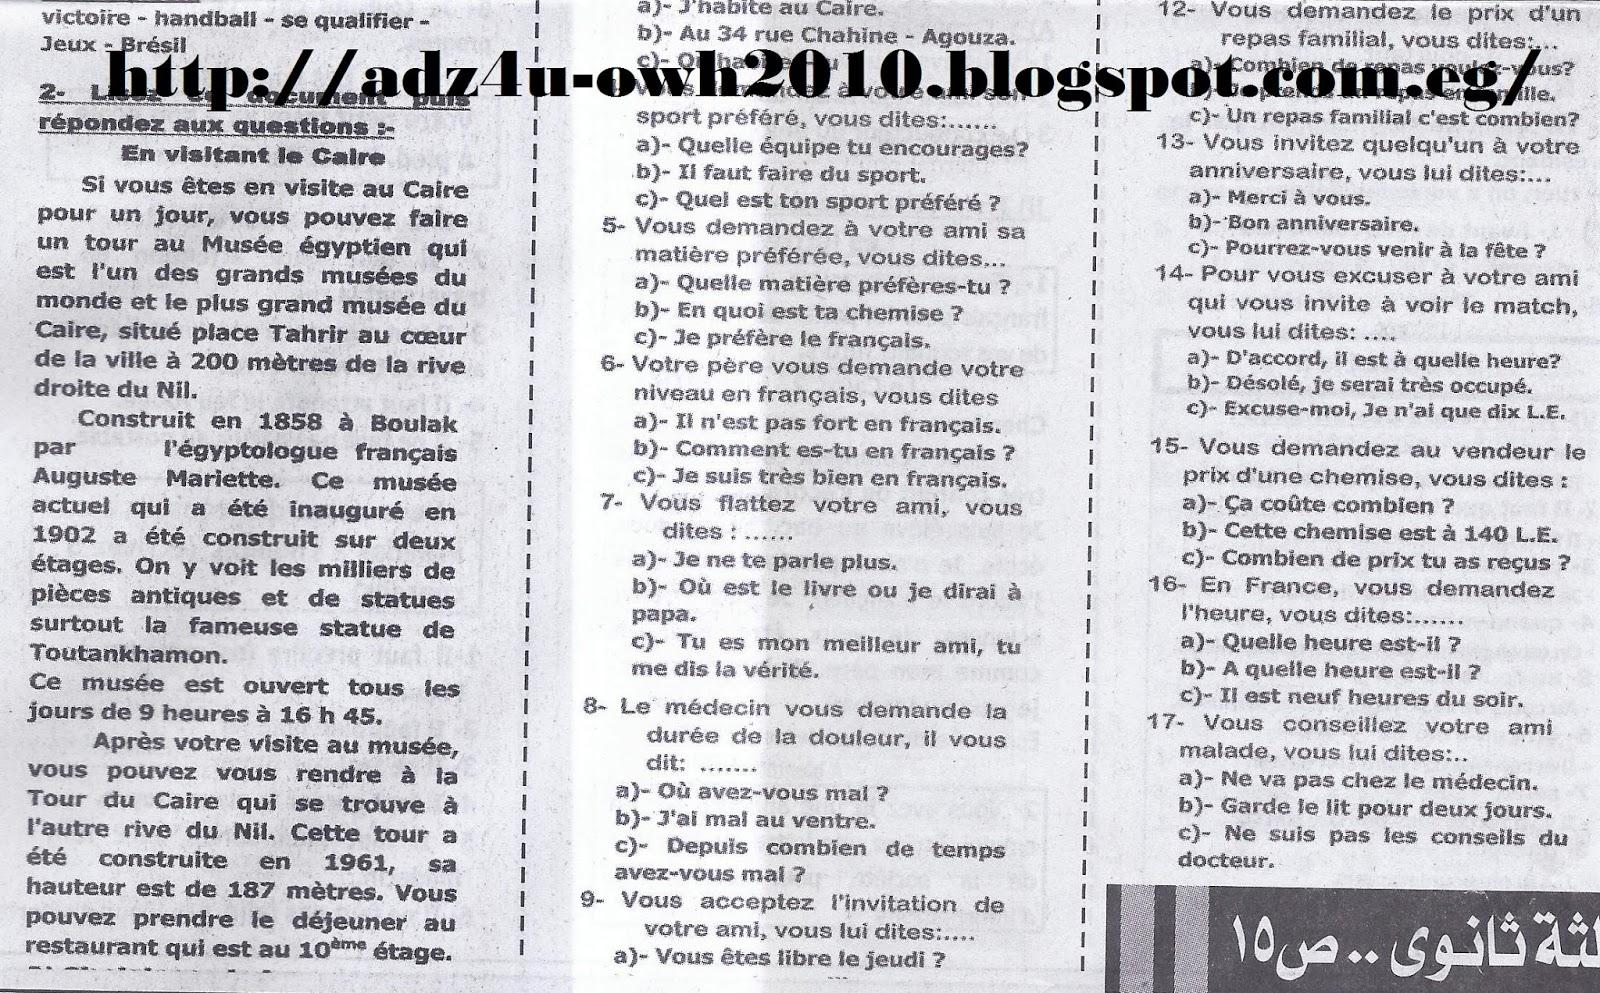 اهم أسئلة اللغة الفرنسية بالاجابات لن يخلو منها امتحان 3 ثانوي 2016 12